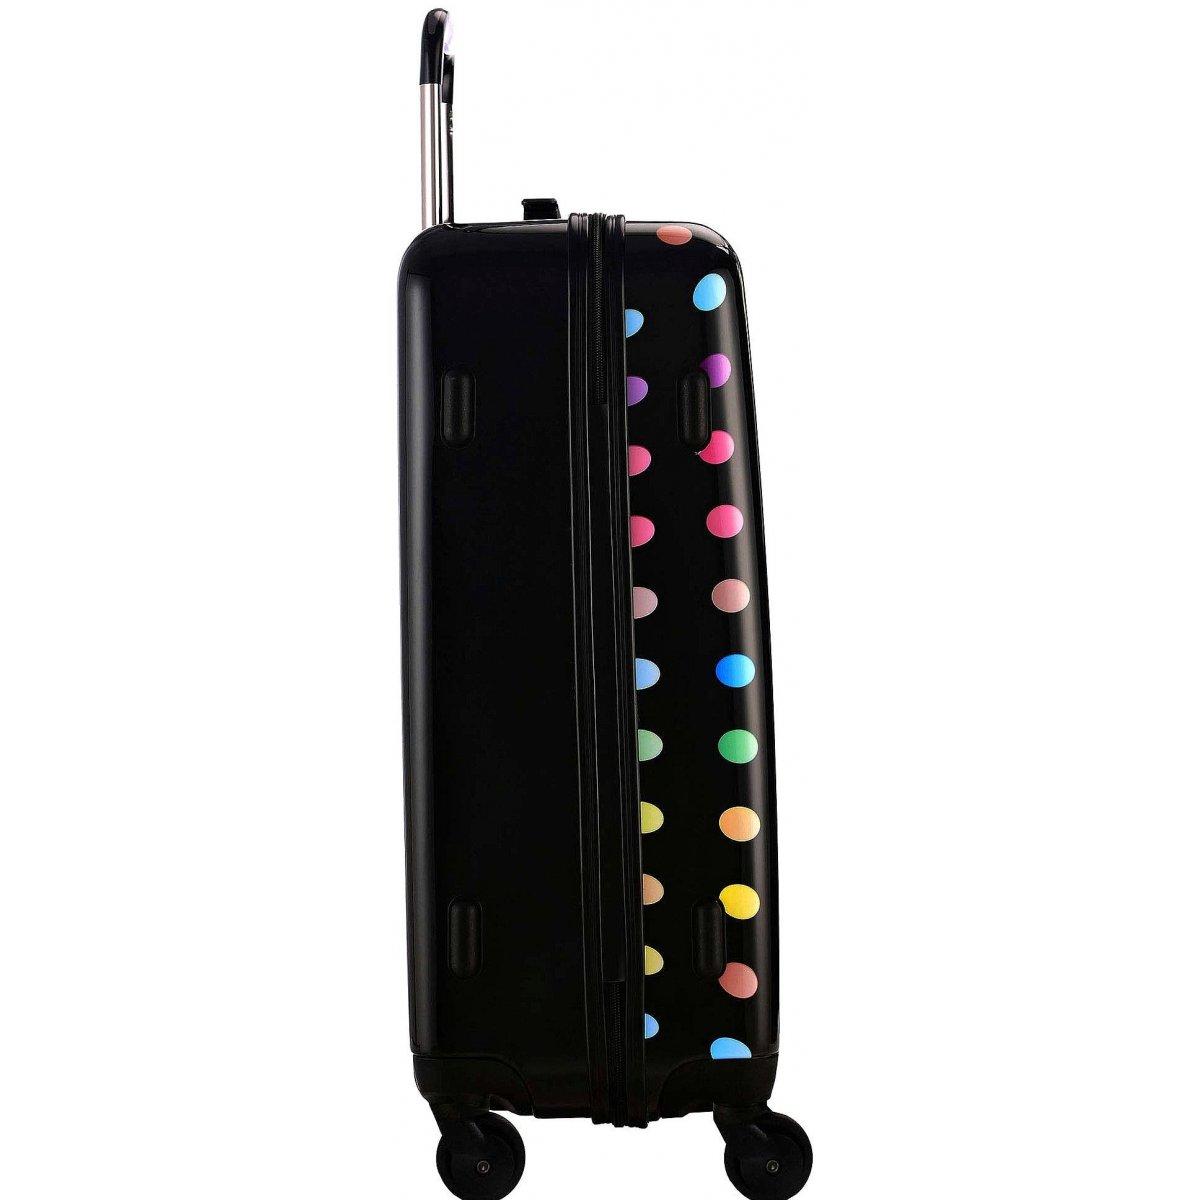 valise rigide david jones taille m 66cm ba20551m couleur principale little pois valise. Black Bedroom Furniture Sets. Home Design Ideas